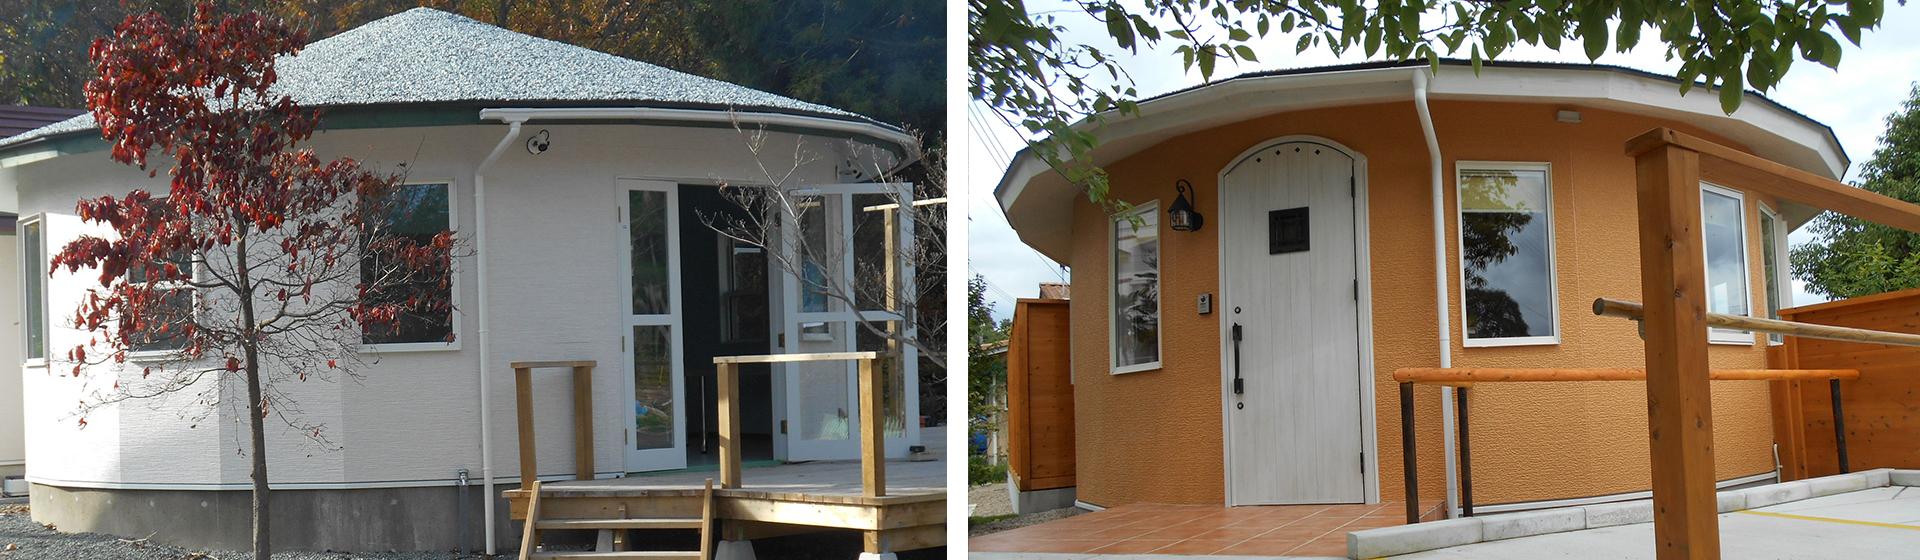 キャンピングドーム&円形住宅